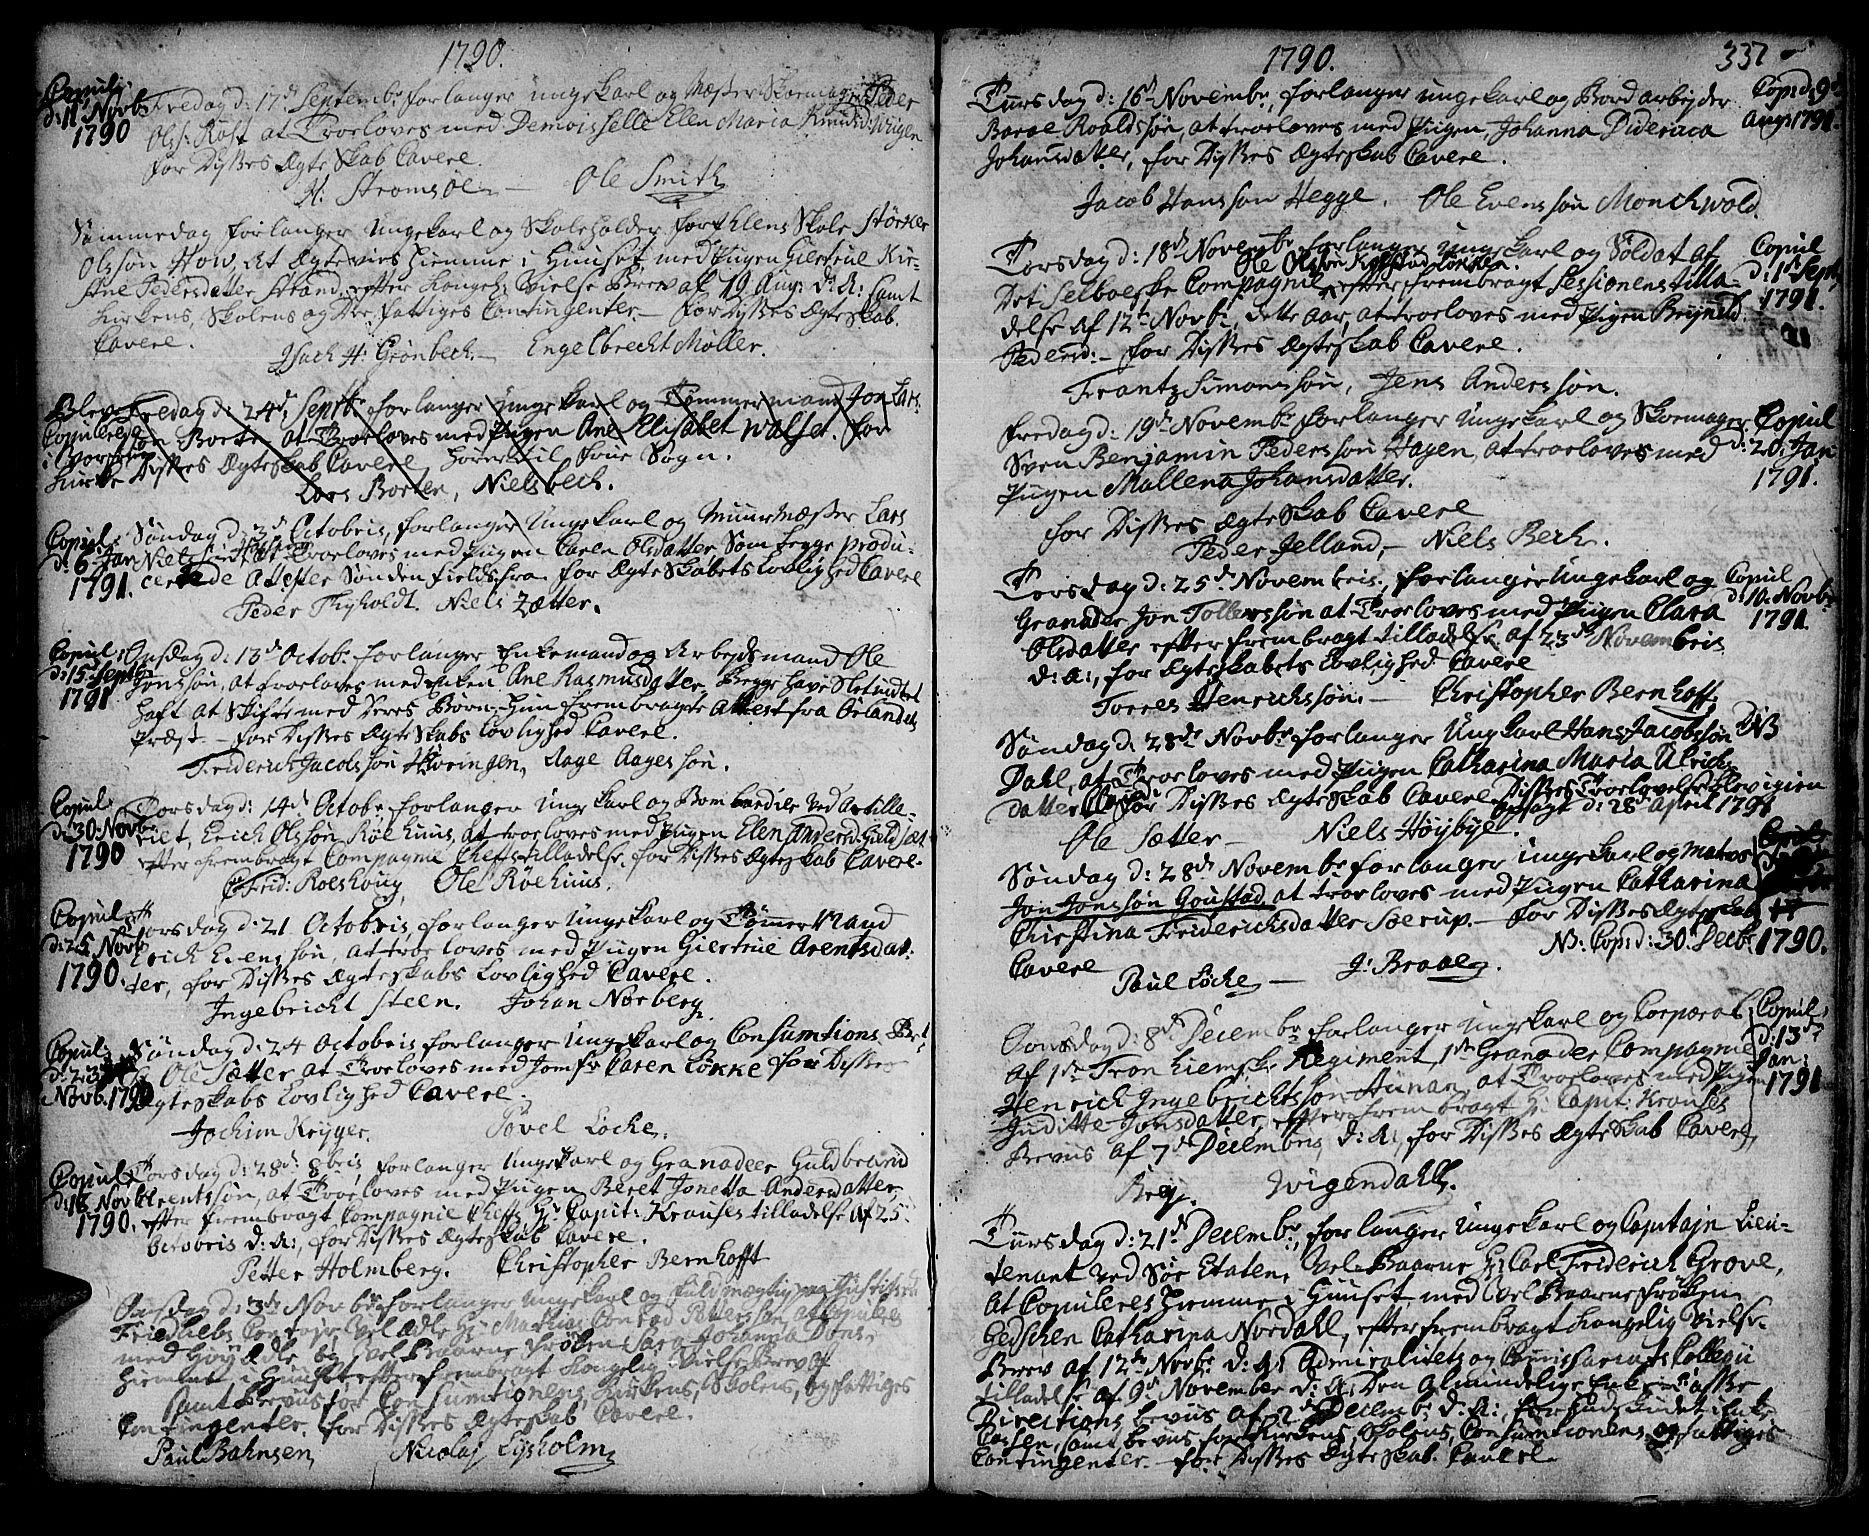 SAT, Ministerialprotokoller, klokkerbøker og fødselsregistre - Sør-Trøndelag, 601/L0038: Ministerialbok nr. 601A06, 1766-1877, s. 337